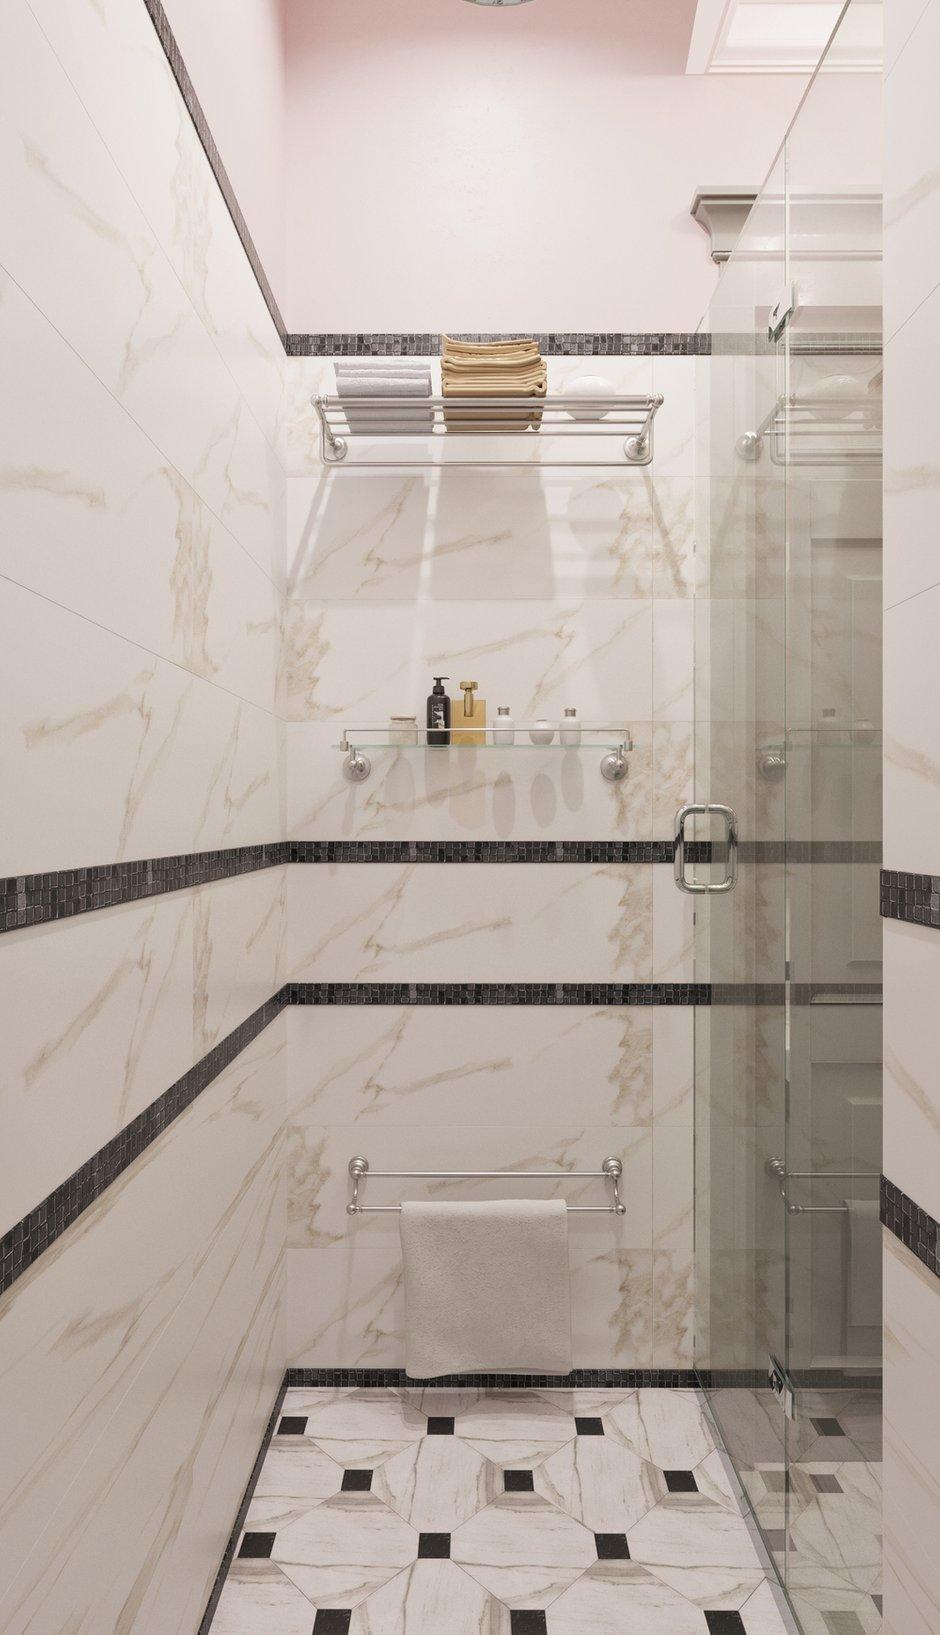 Фотография: Ванная в стиле Современный, Эклектика, Квартира, Проект недели, Москва, Светлана Старцева, Кирпичный дом, 2 комнаты, 40-60 метров – фото на INMYROOM